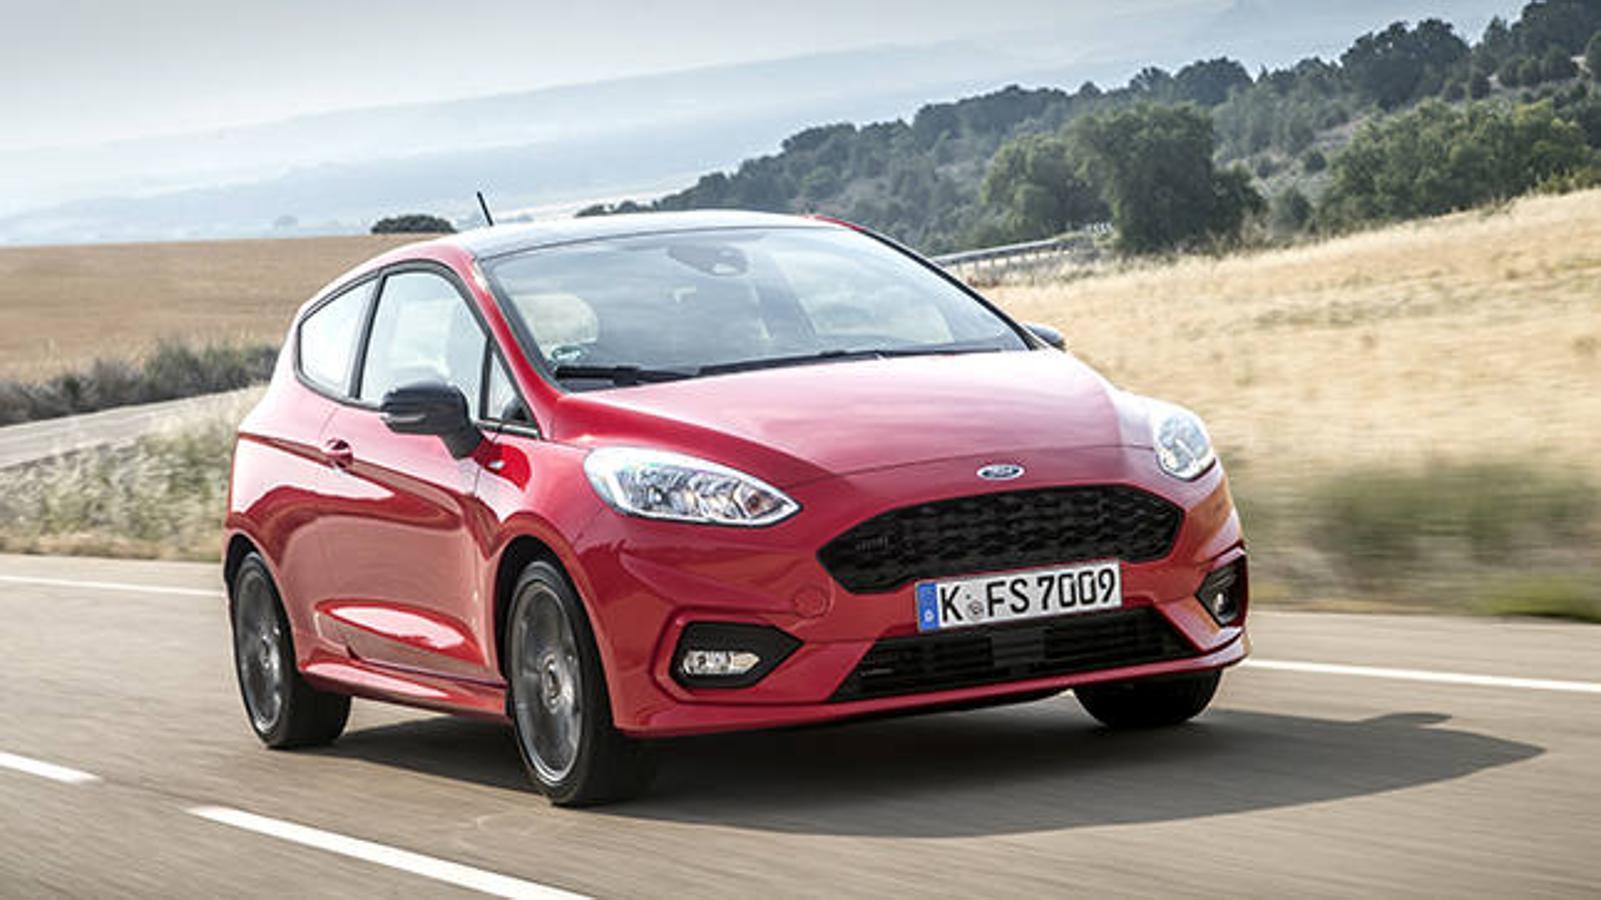 El nuevo Ford Fiesta ya está a la venta desde 15.045 euros